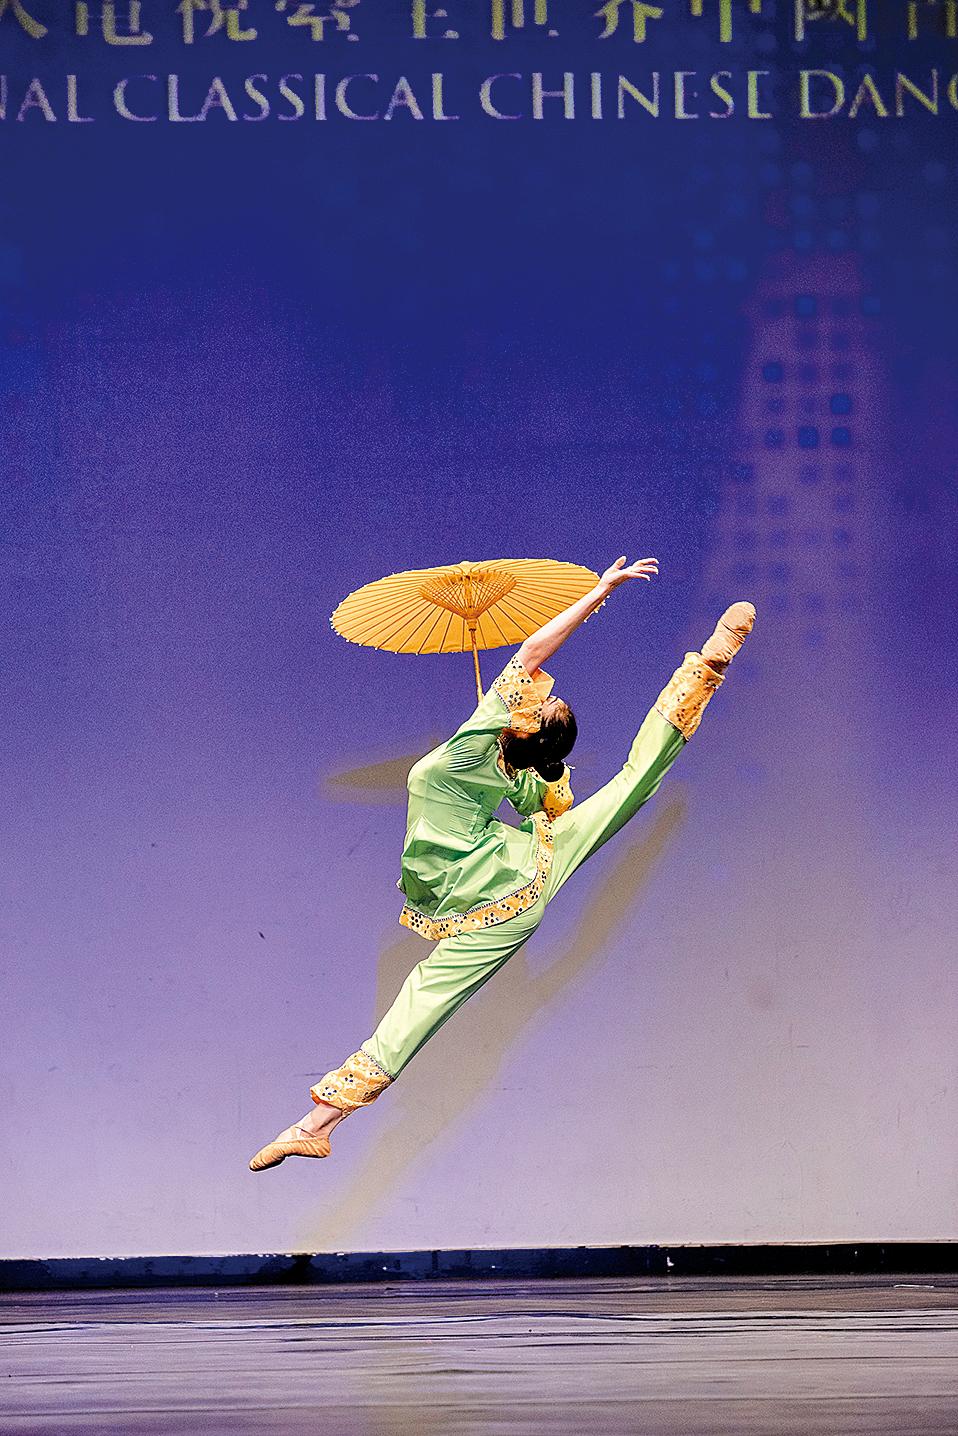 少年女子組金獎得主楊美蓮舞蹈劇目《江南新雨》。(愛德華/大紀元)